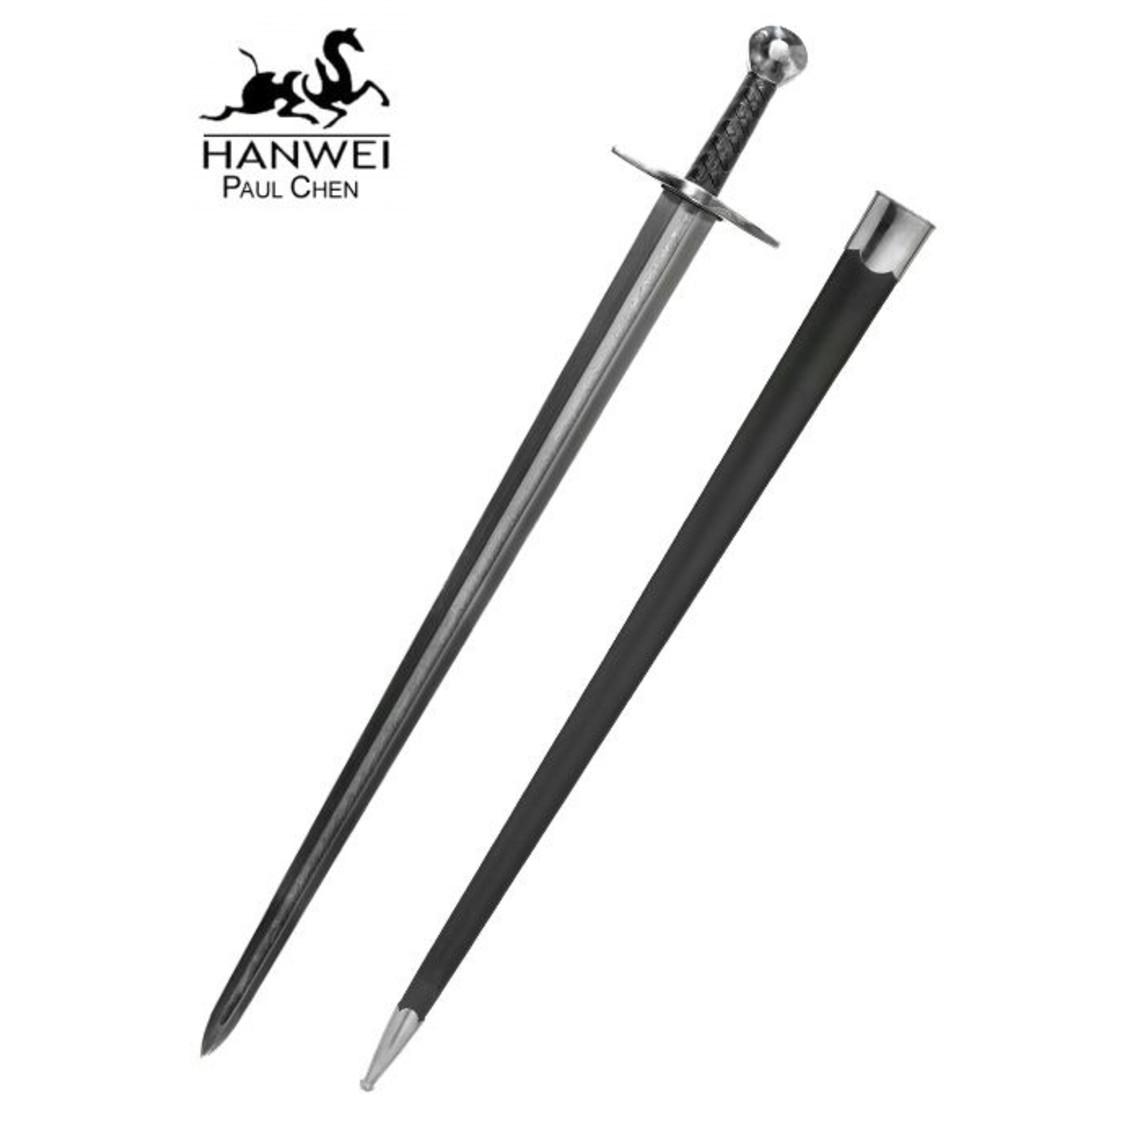 Hanwei Sir William Marshall zwaard met damascusstalen kling